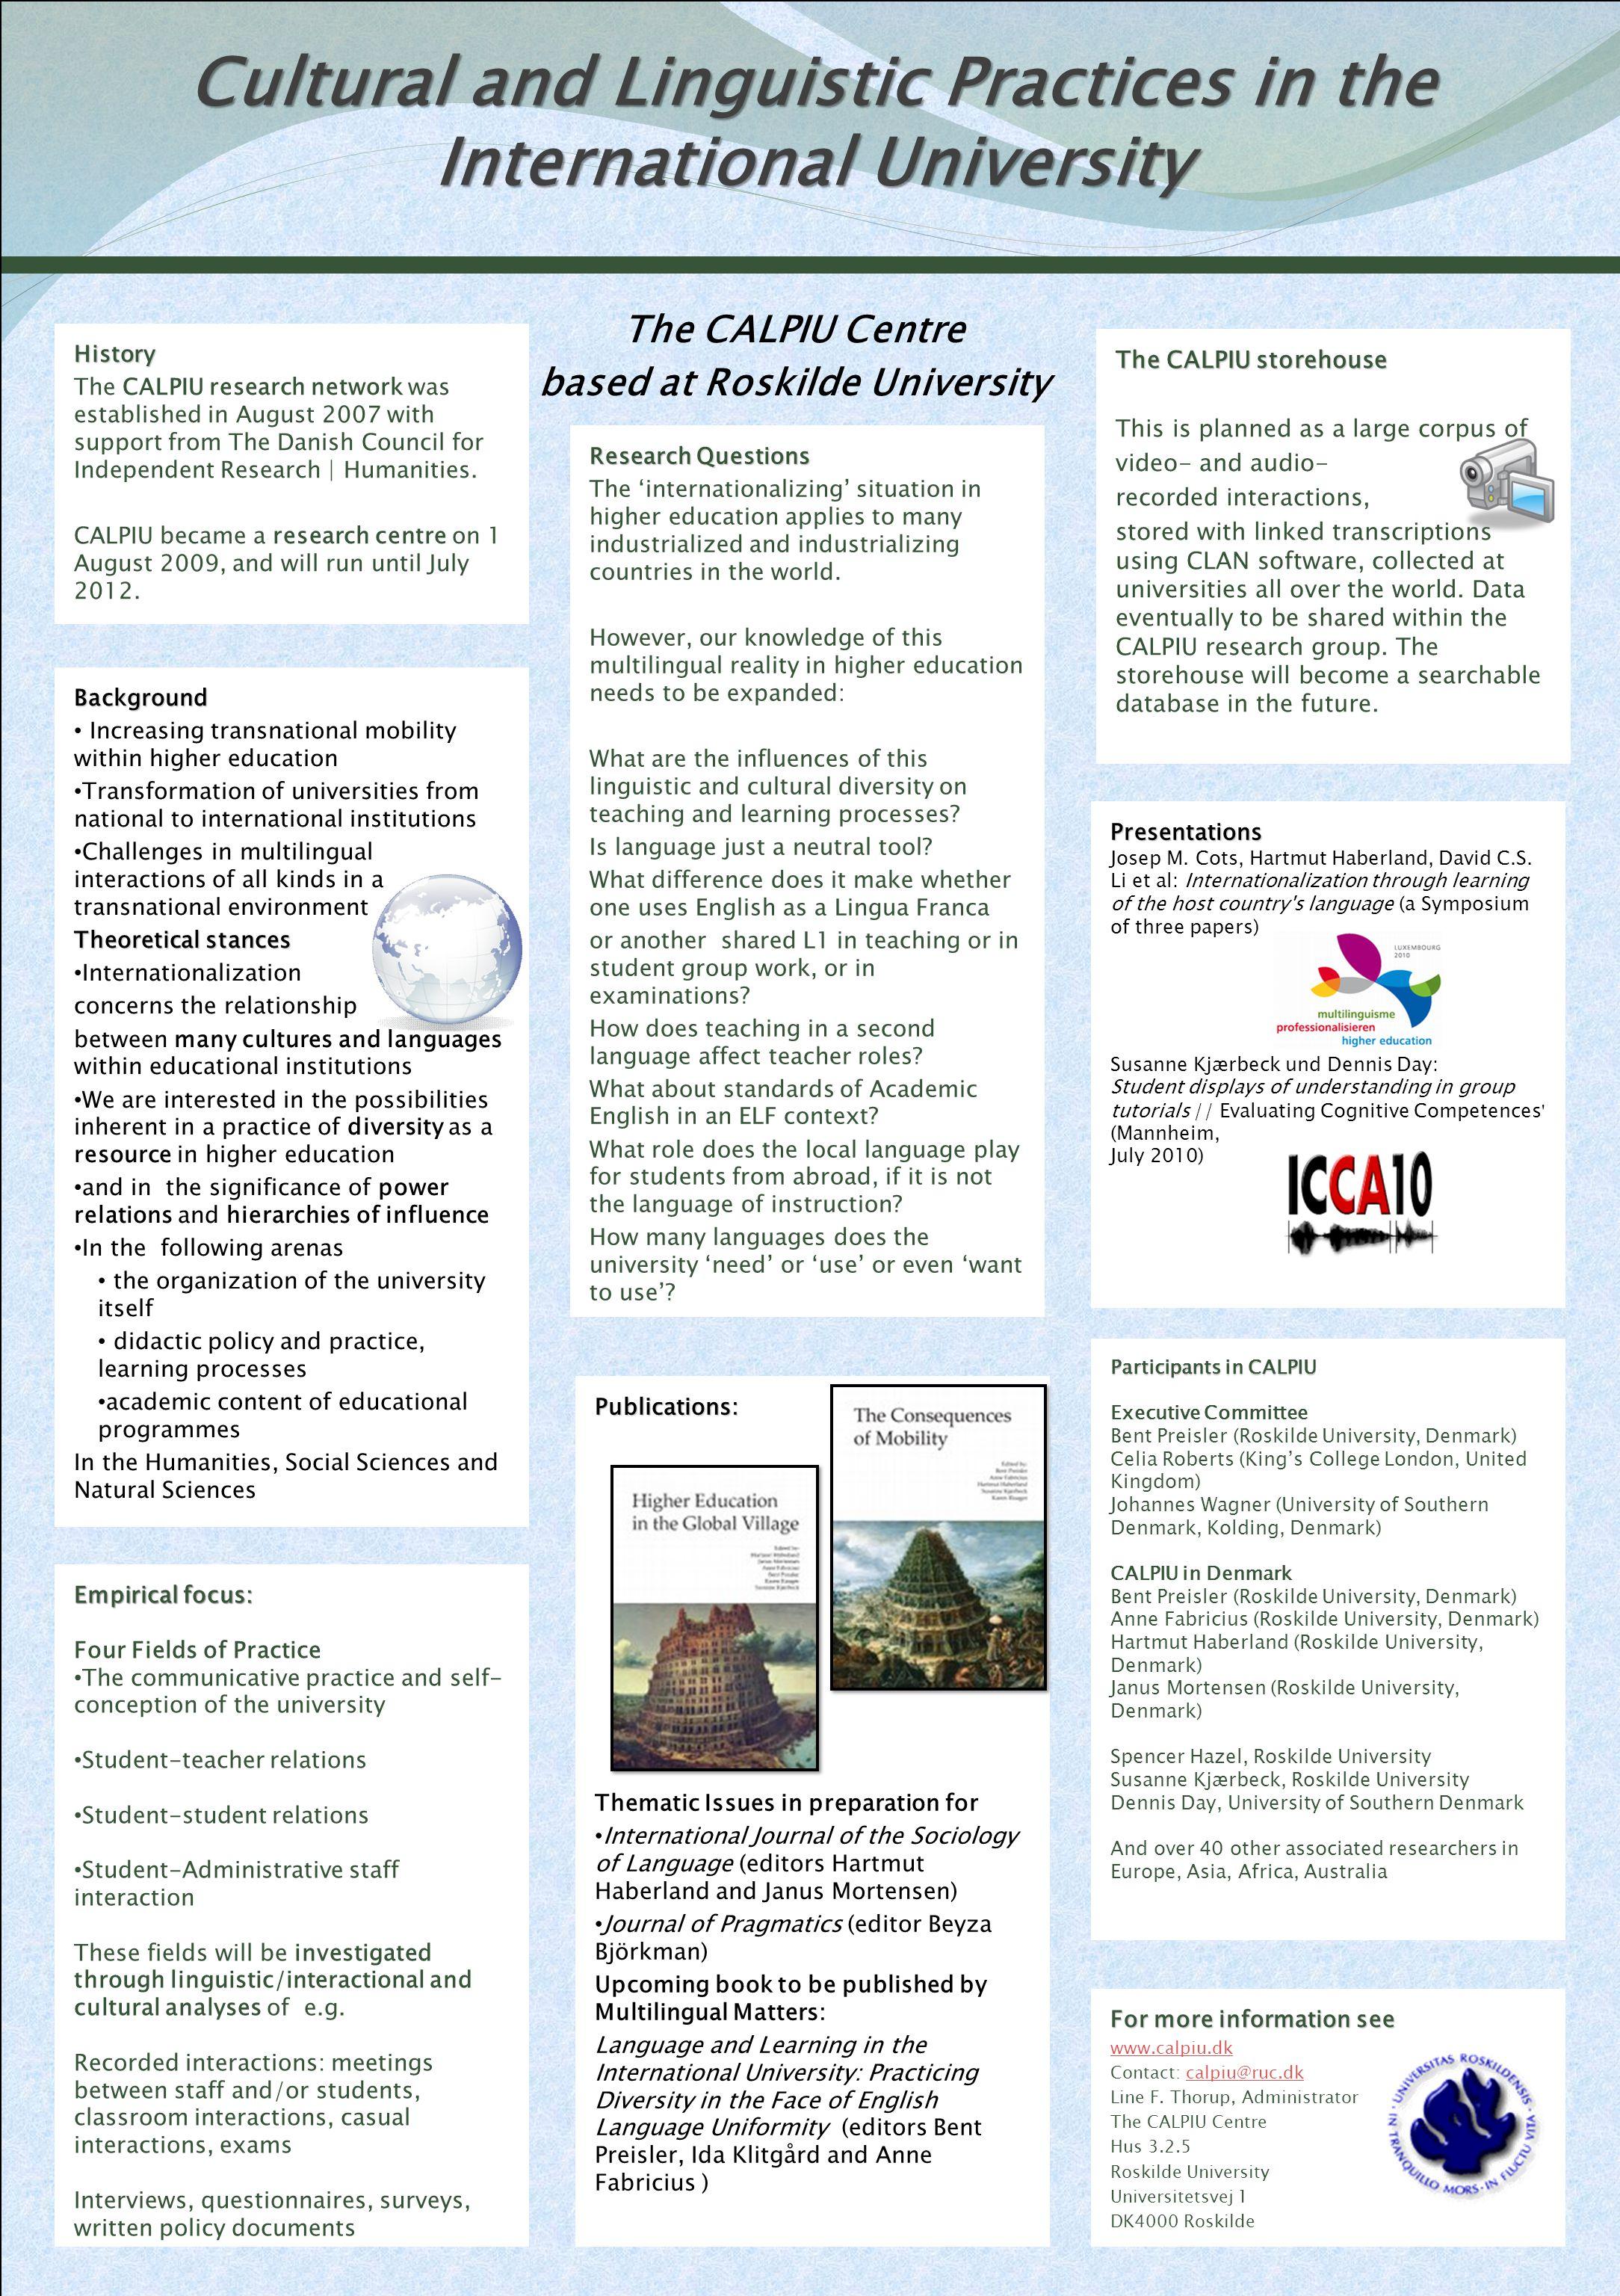 Pratiques culturelles et linguistiques de l'université internationale Pratiques culturelles et linguistiques de l'université internationaleHistoire Le réseau de recherche CALPIU a été établi en août 2007 avec l'aide du Conseil Danois de la Recherche Indépendante   Humaniste.